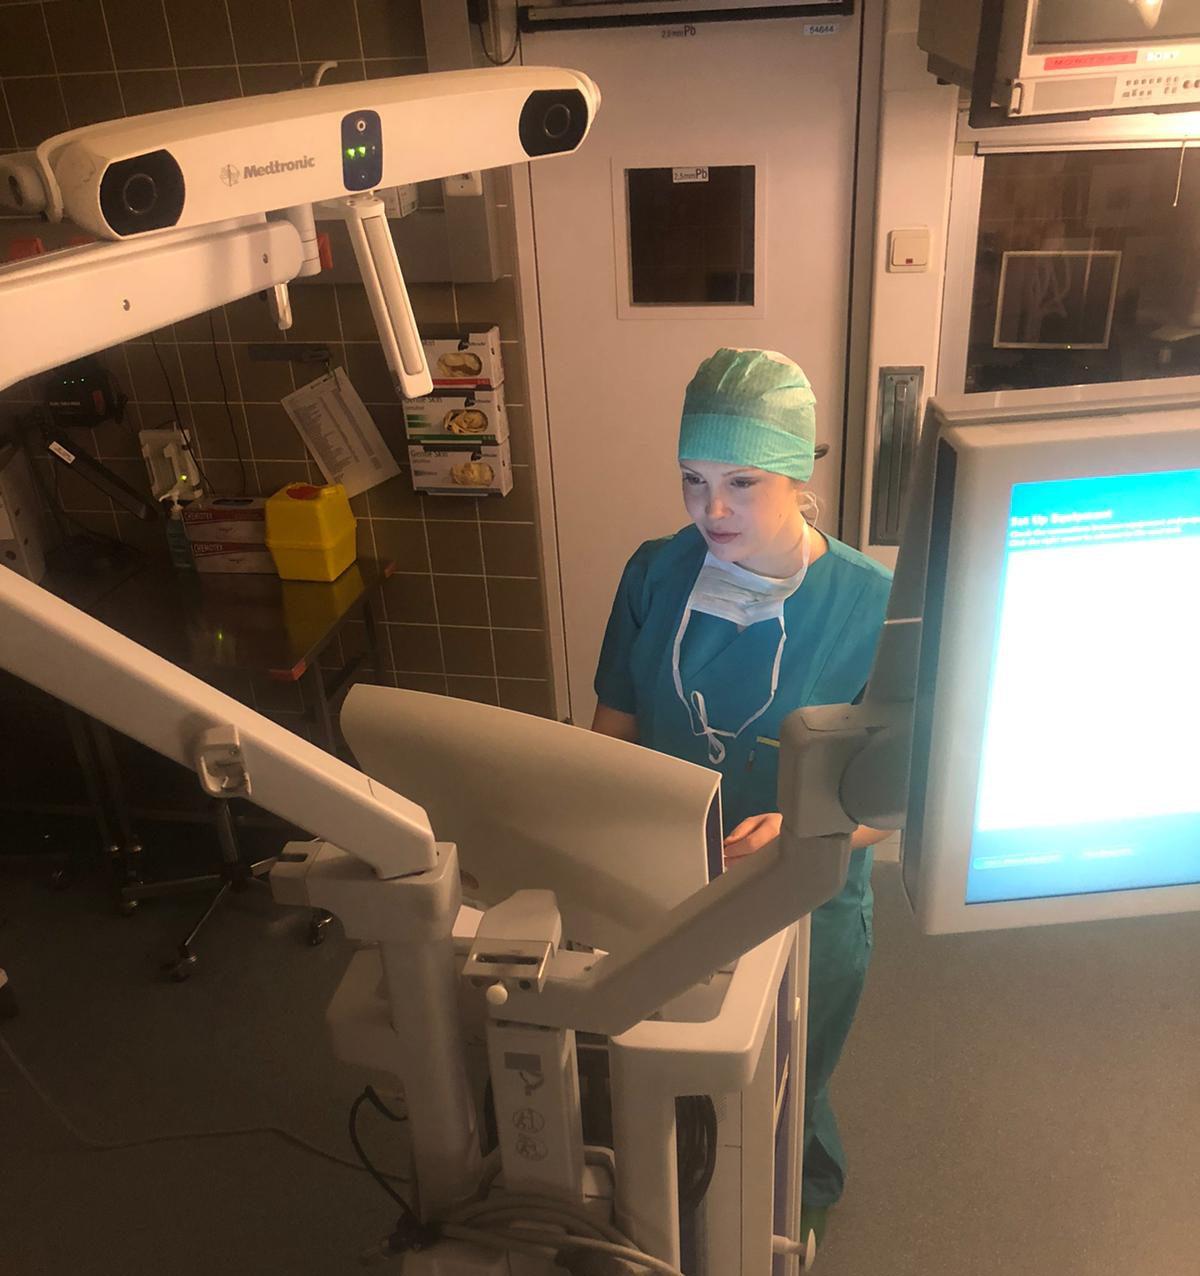 Preparing for the training in JDWNR Hospital